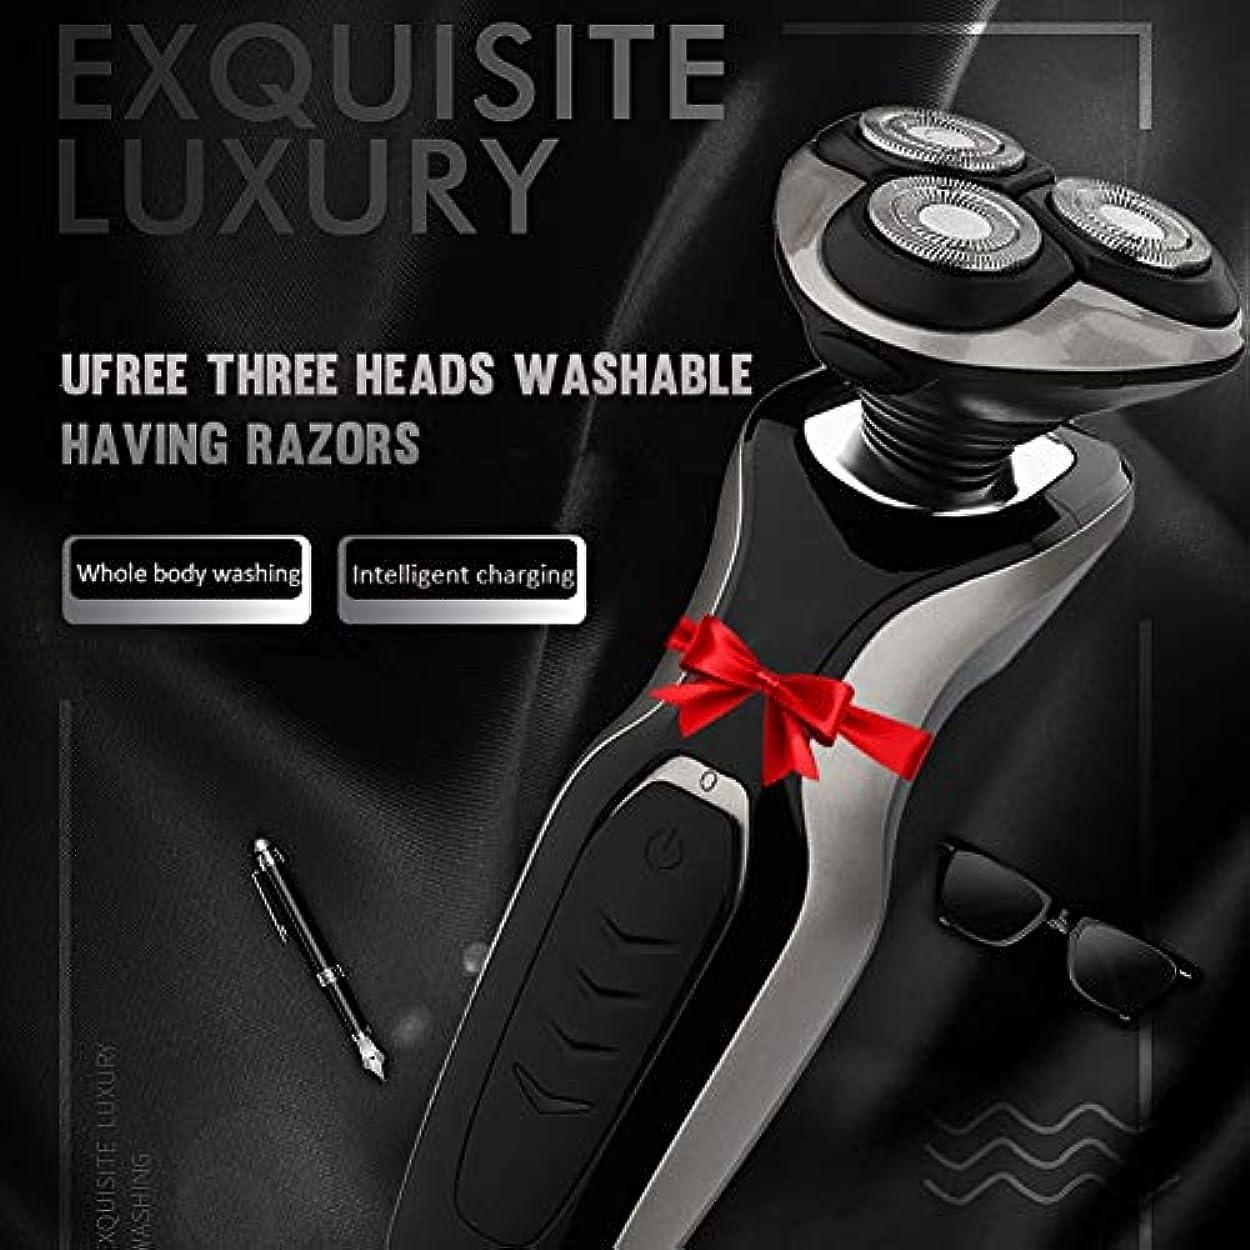 ノーブル鉱石バケツ充電式メンズカミソリ3ヘッド電気カミソリ多機能鼻毛カミソリ